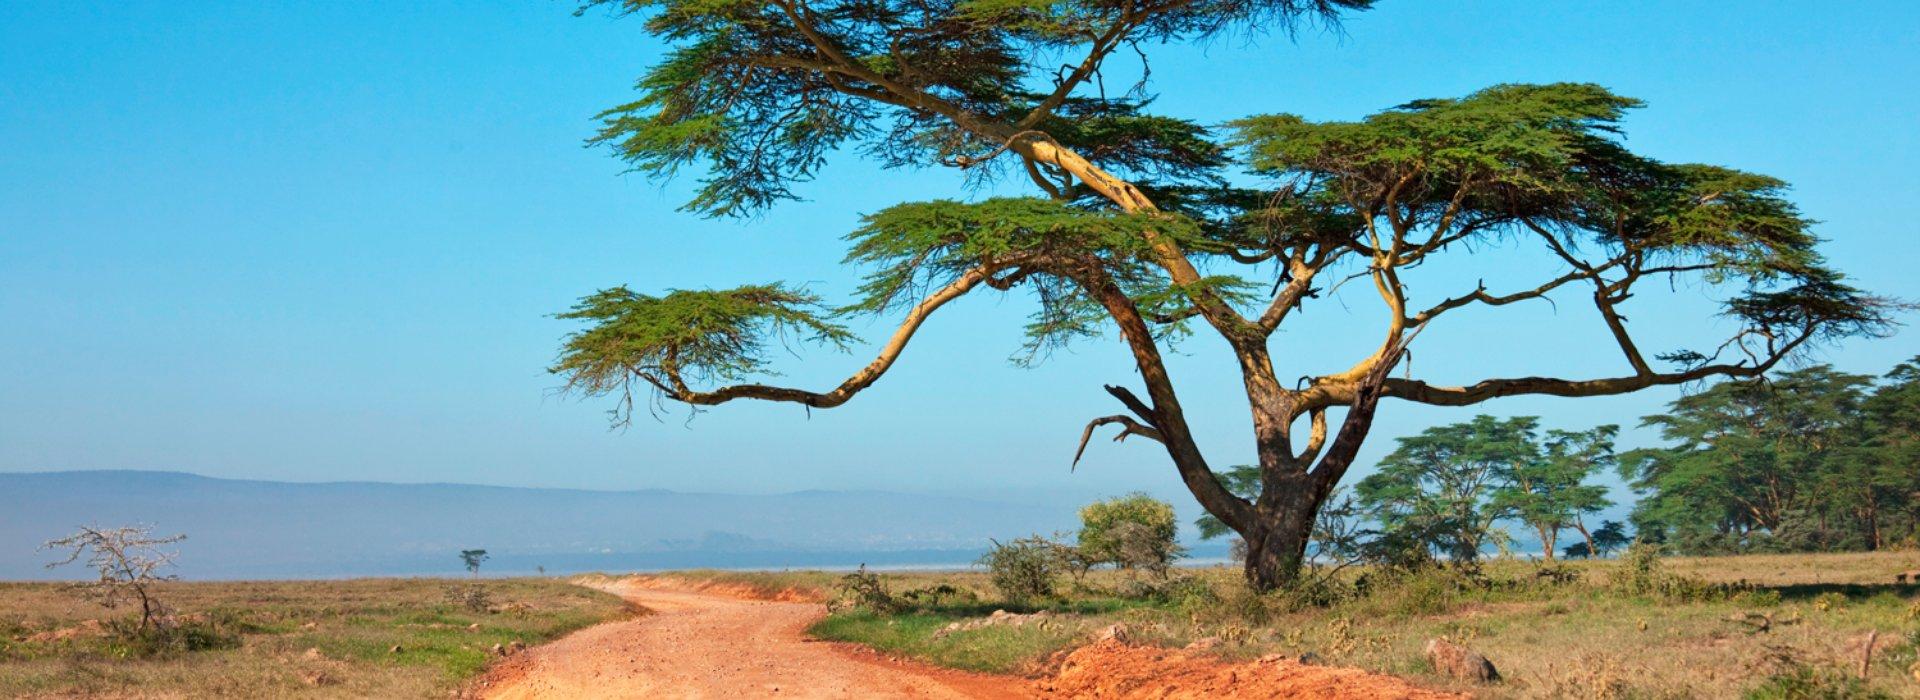 Africa. Il fashino della savana.